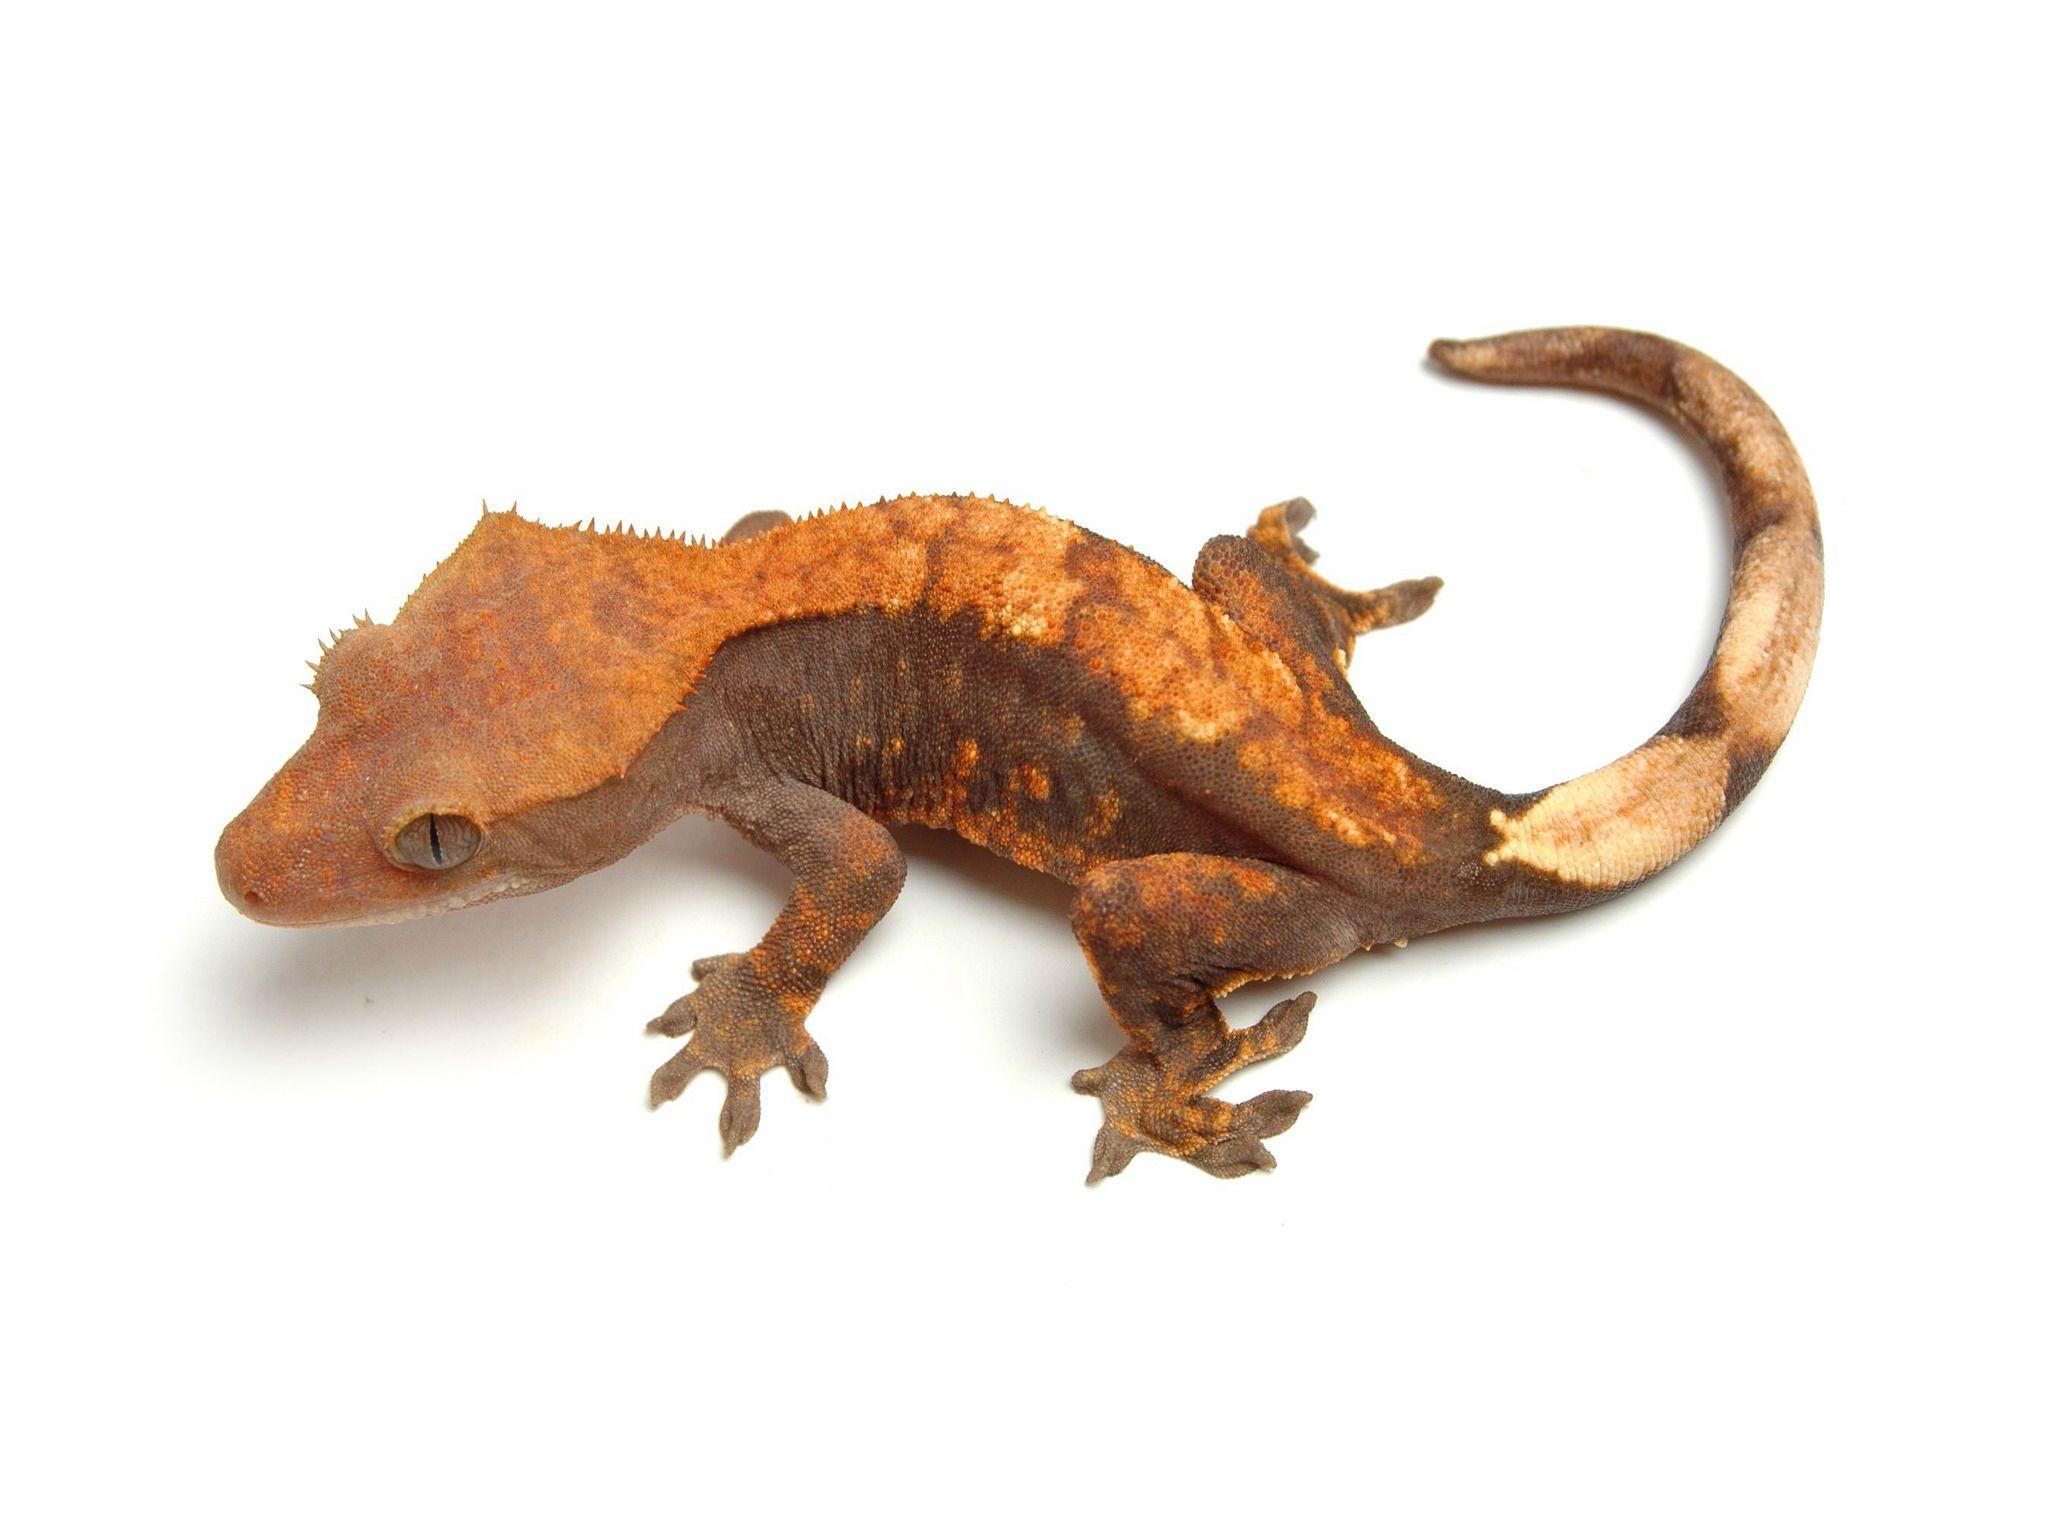 Leopard gecko growth chart best leopard 2017 leopard gecko body structure geckos nvjuhfo Images